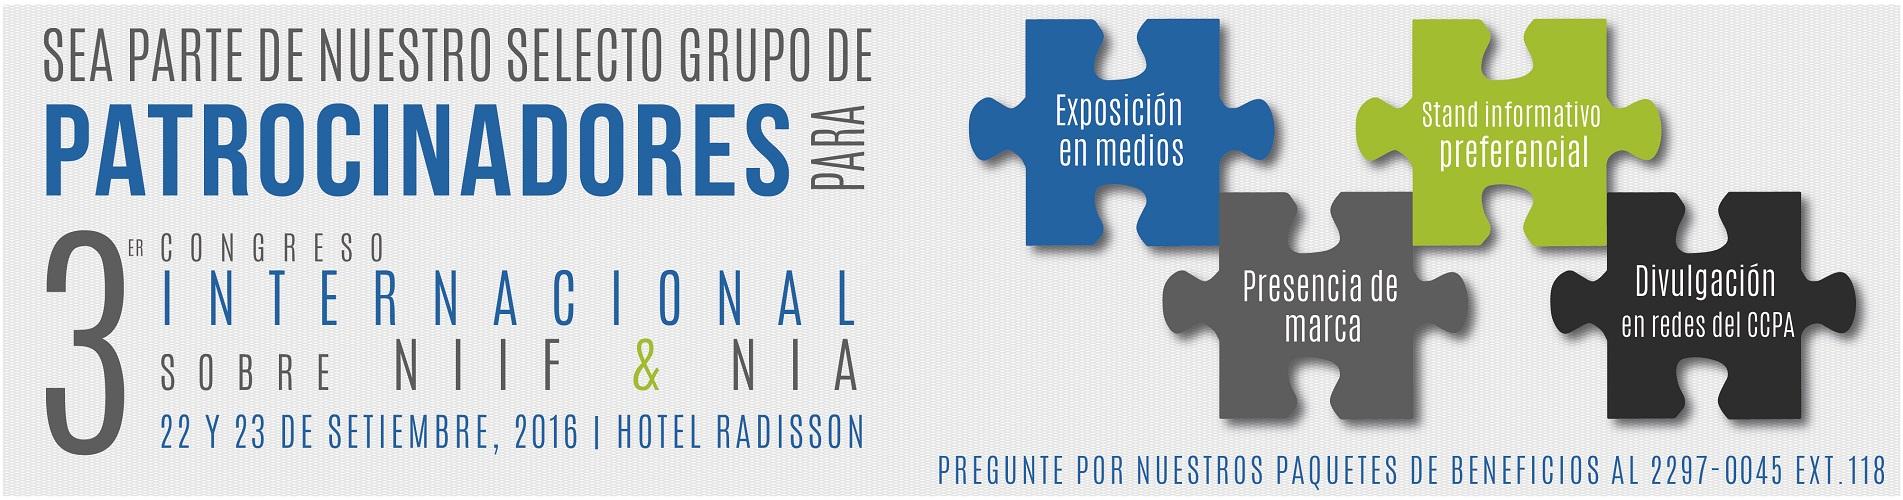 banner_patrocinadores_congreso-01